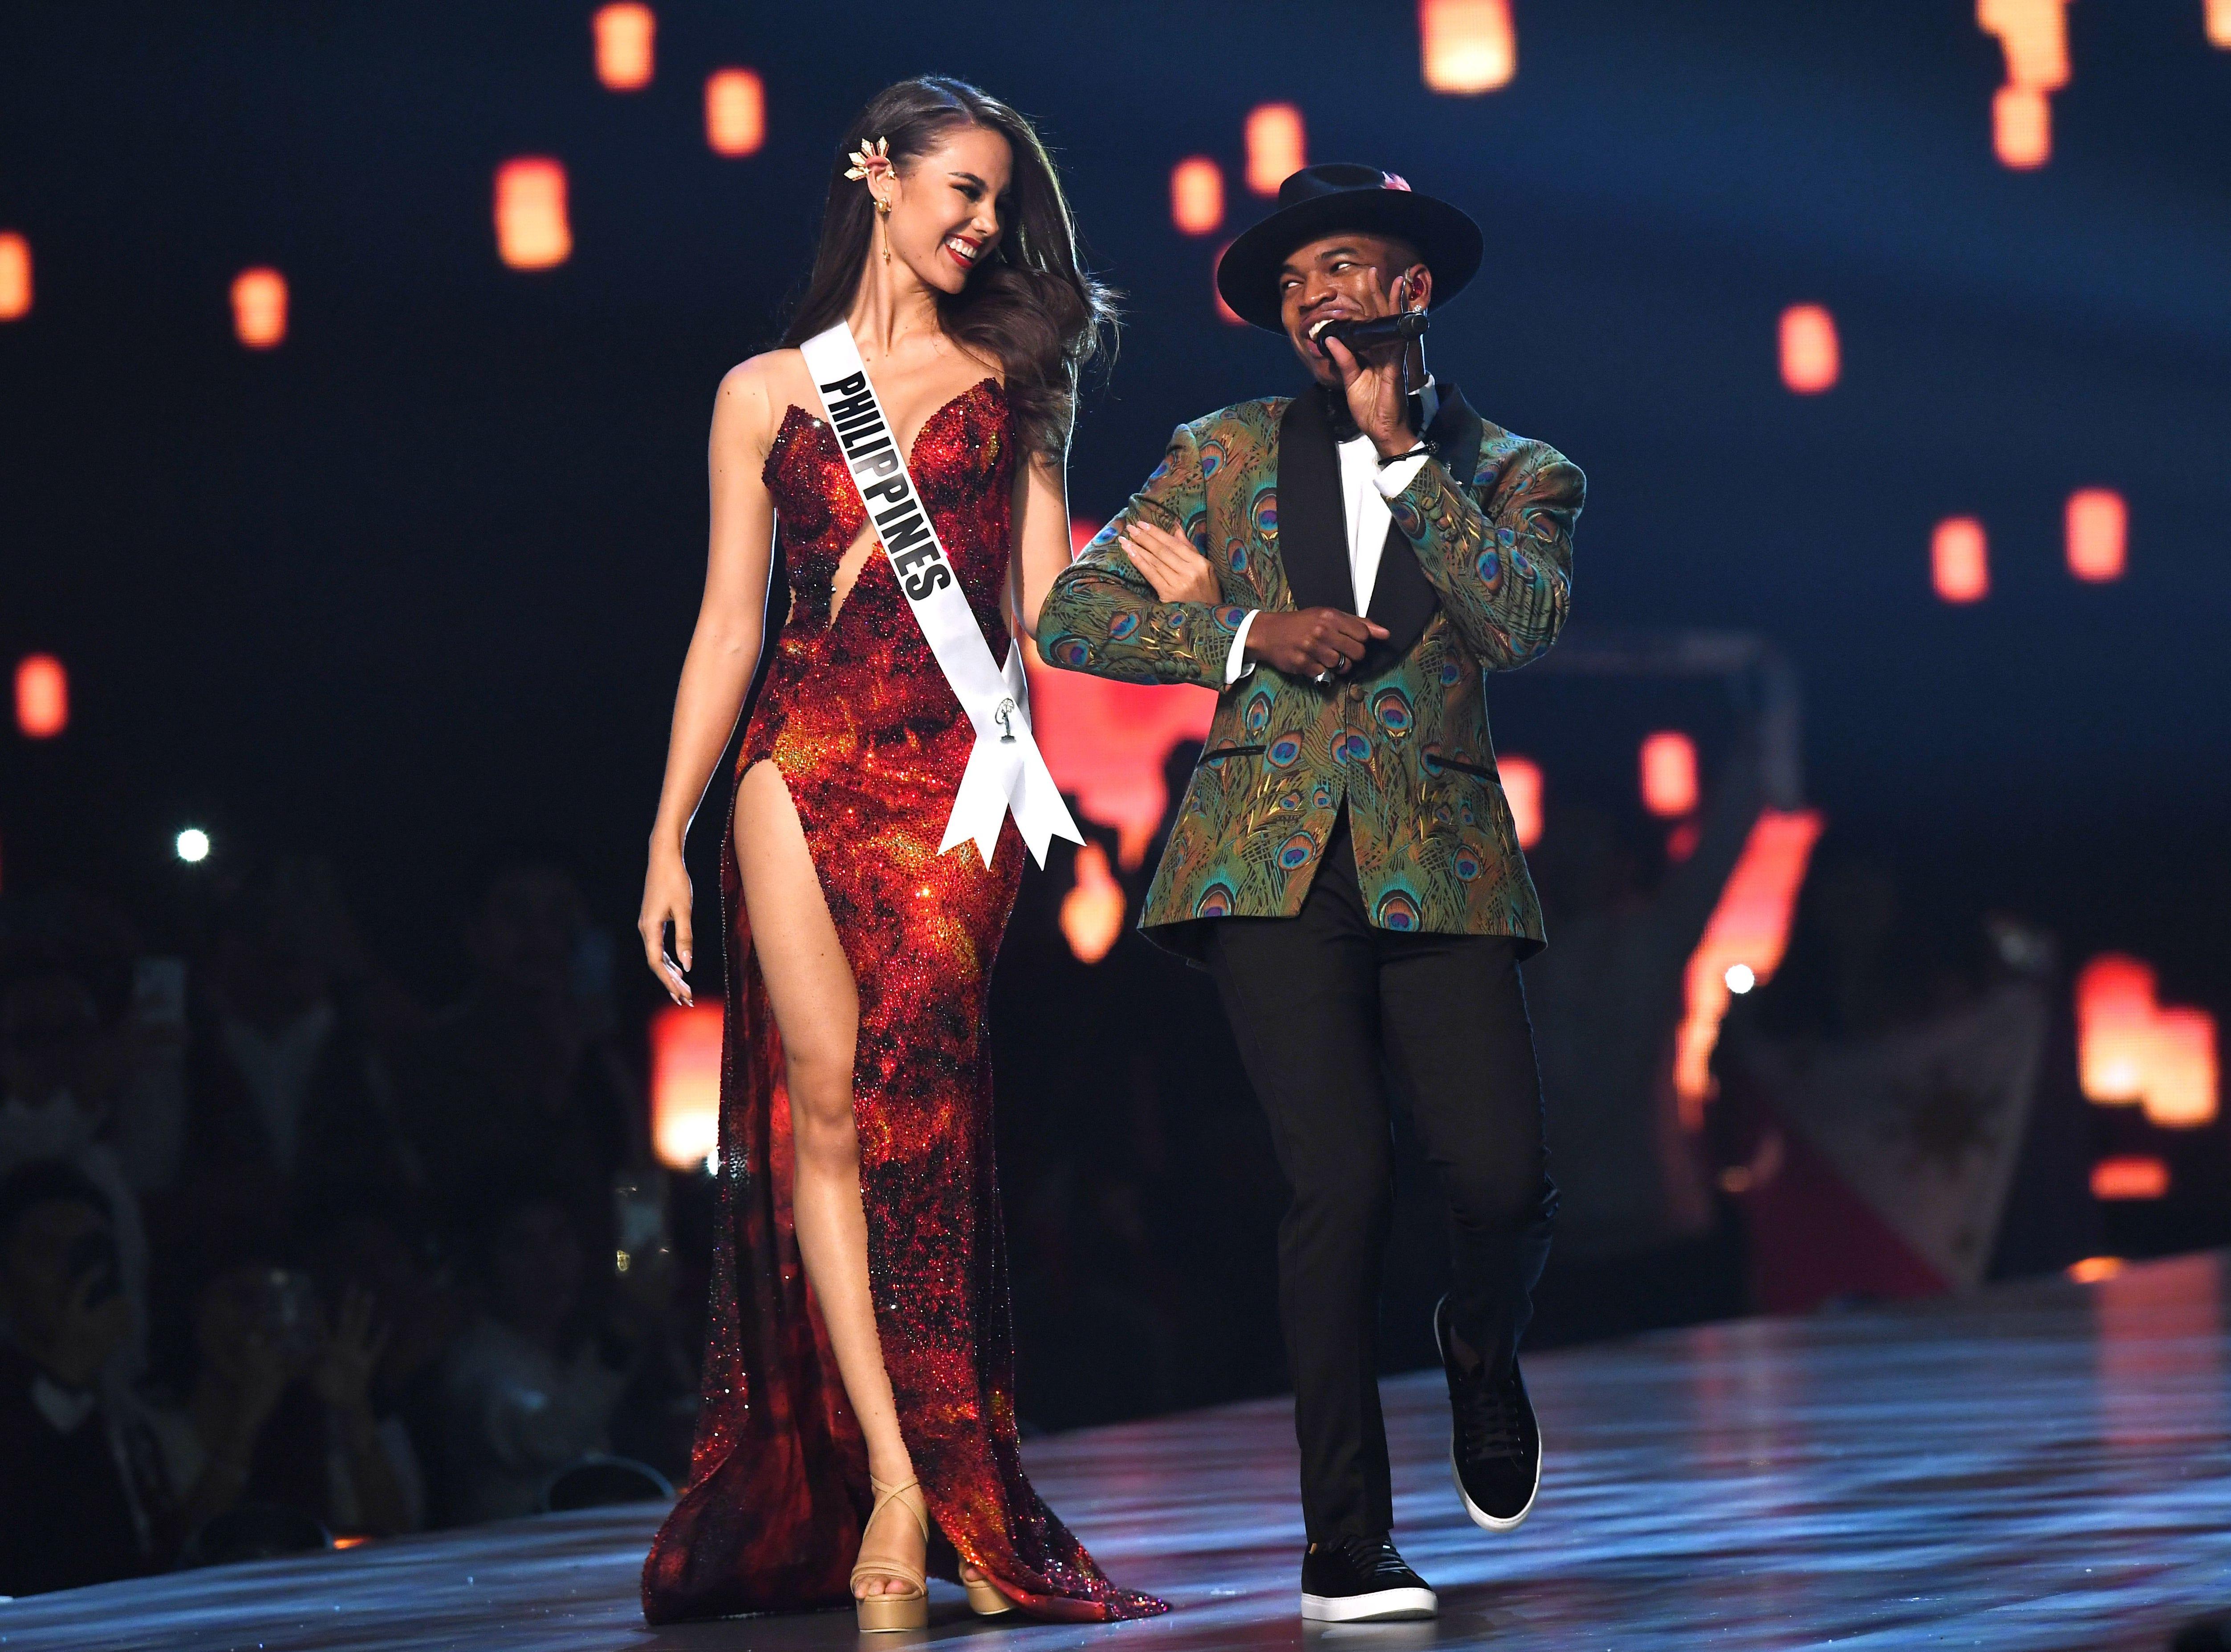 Catriona Gray (izq) de Filipinas mira mientras el artista estadounidense Ne-Yo se presenta en el escenario durante el concurso Miss Universo 2018 en Bangkok el 17 de diciembre de 2018.